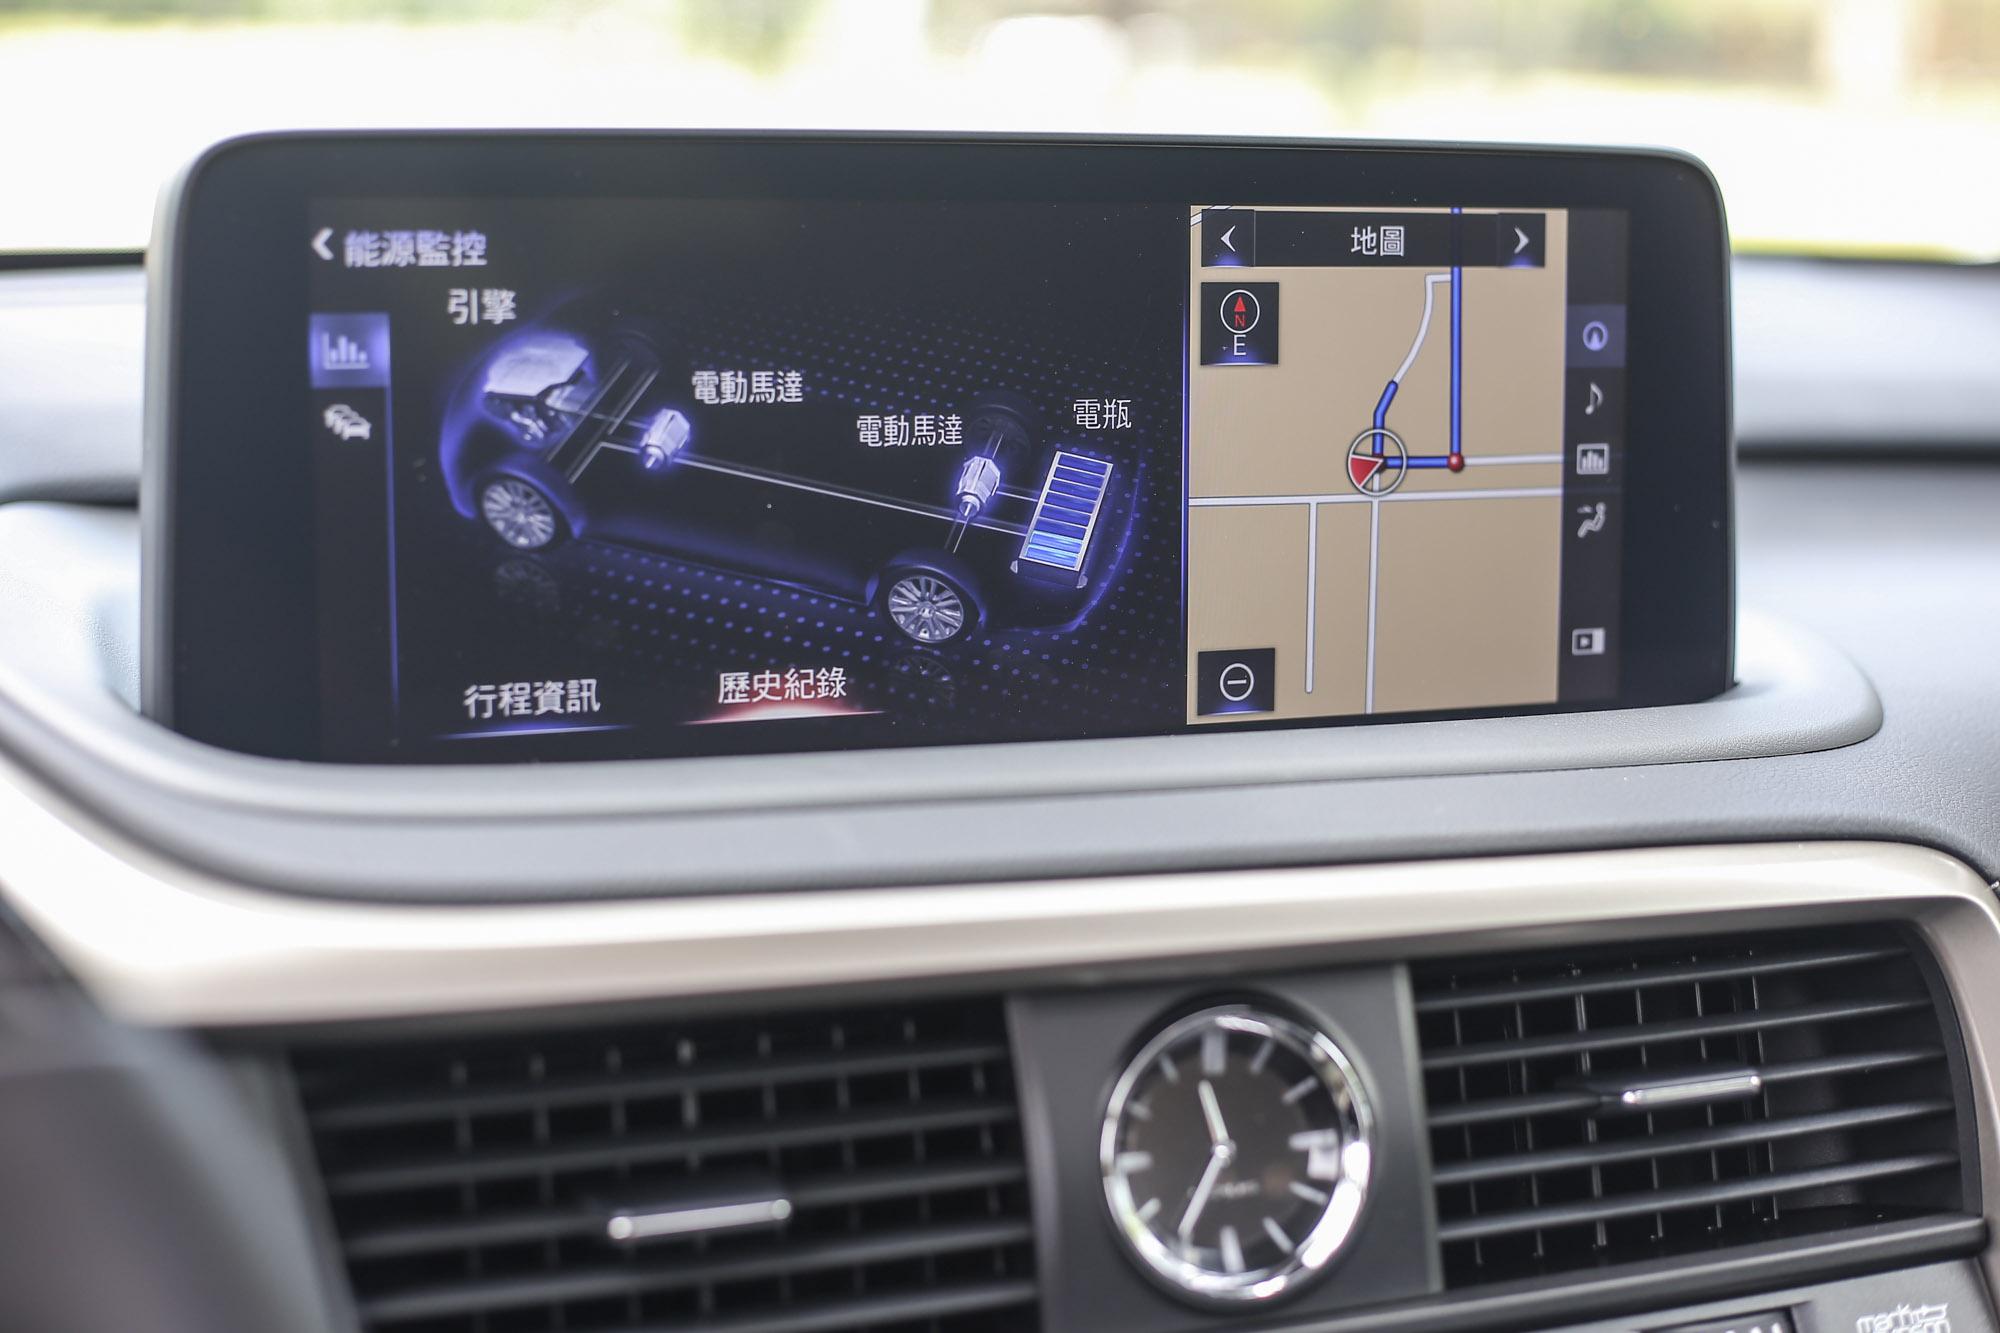 既然是油電動力車型,中控台的大面積螢幕自然不會少了動力流的狀態顯示。